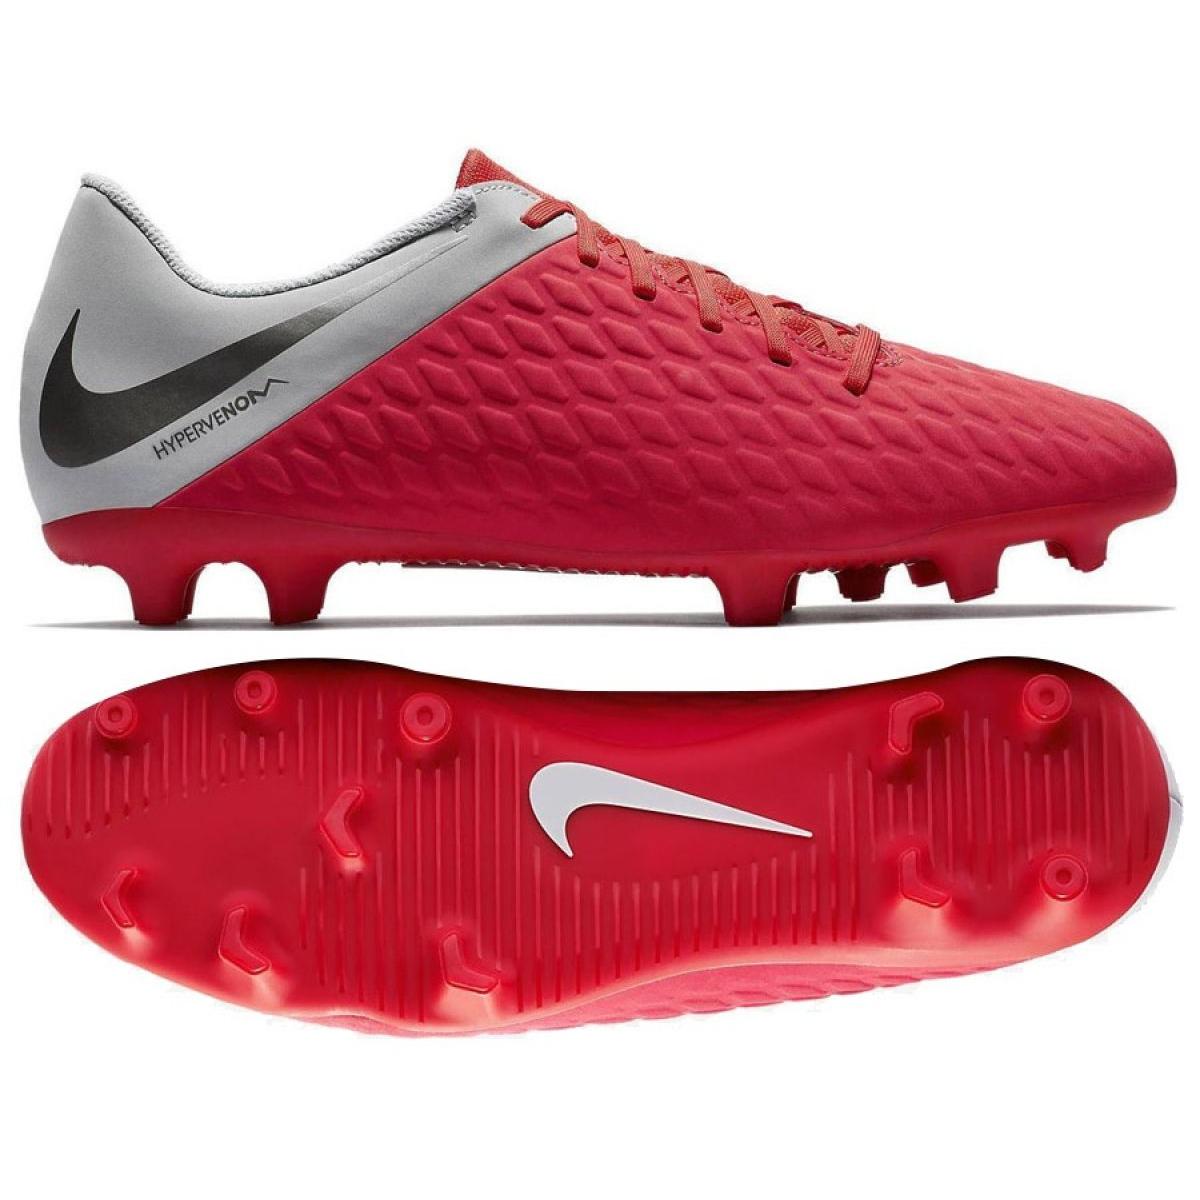 cheap for discount 03dad 78770 Football shoes Nike Hypervenom Phantom 3 Club Fg 3 M AJ4145-600